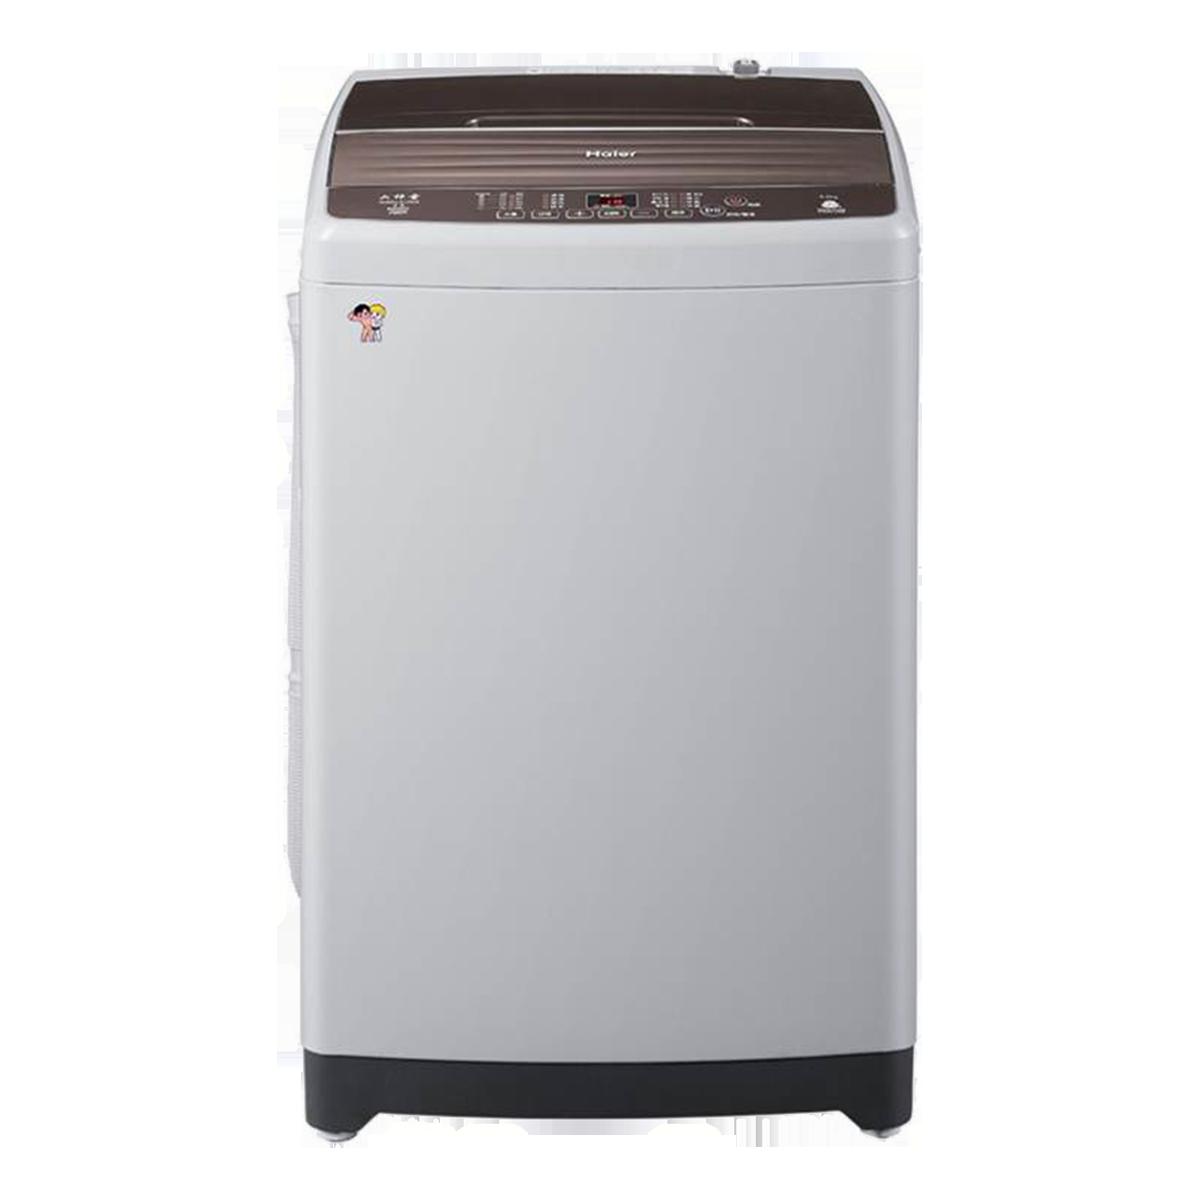 海尔Haier洗衣机 B100688M21V 说明书